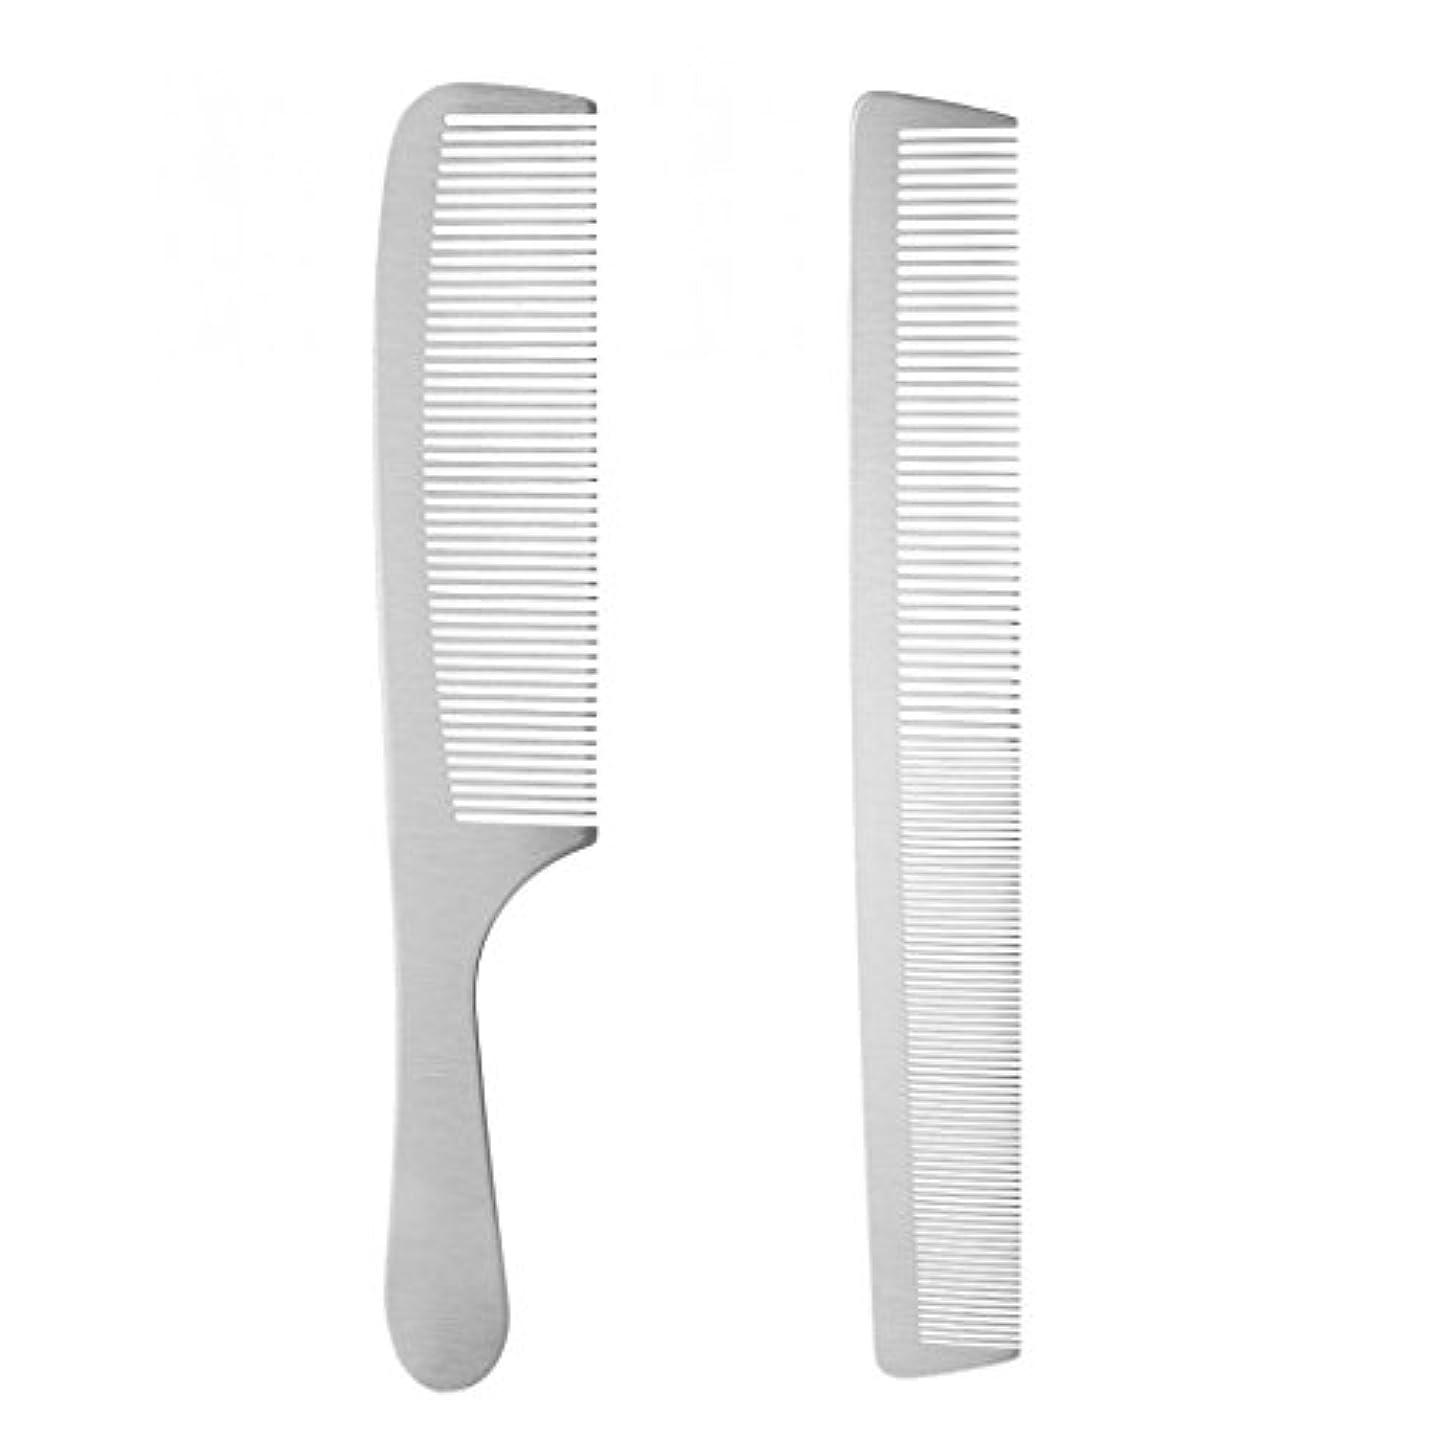 原稿違法ちっちゃいKesoto 2個 ヘアブラシ ステンレス鋼 サロン 理髪師 ヘアスタイリング ヘアカット カッティングヘアブラシ